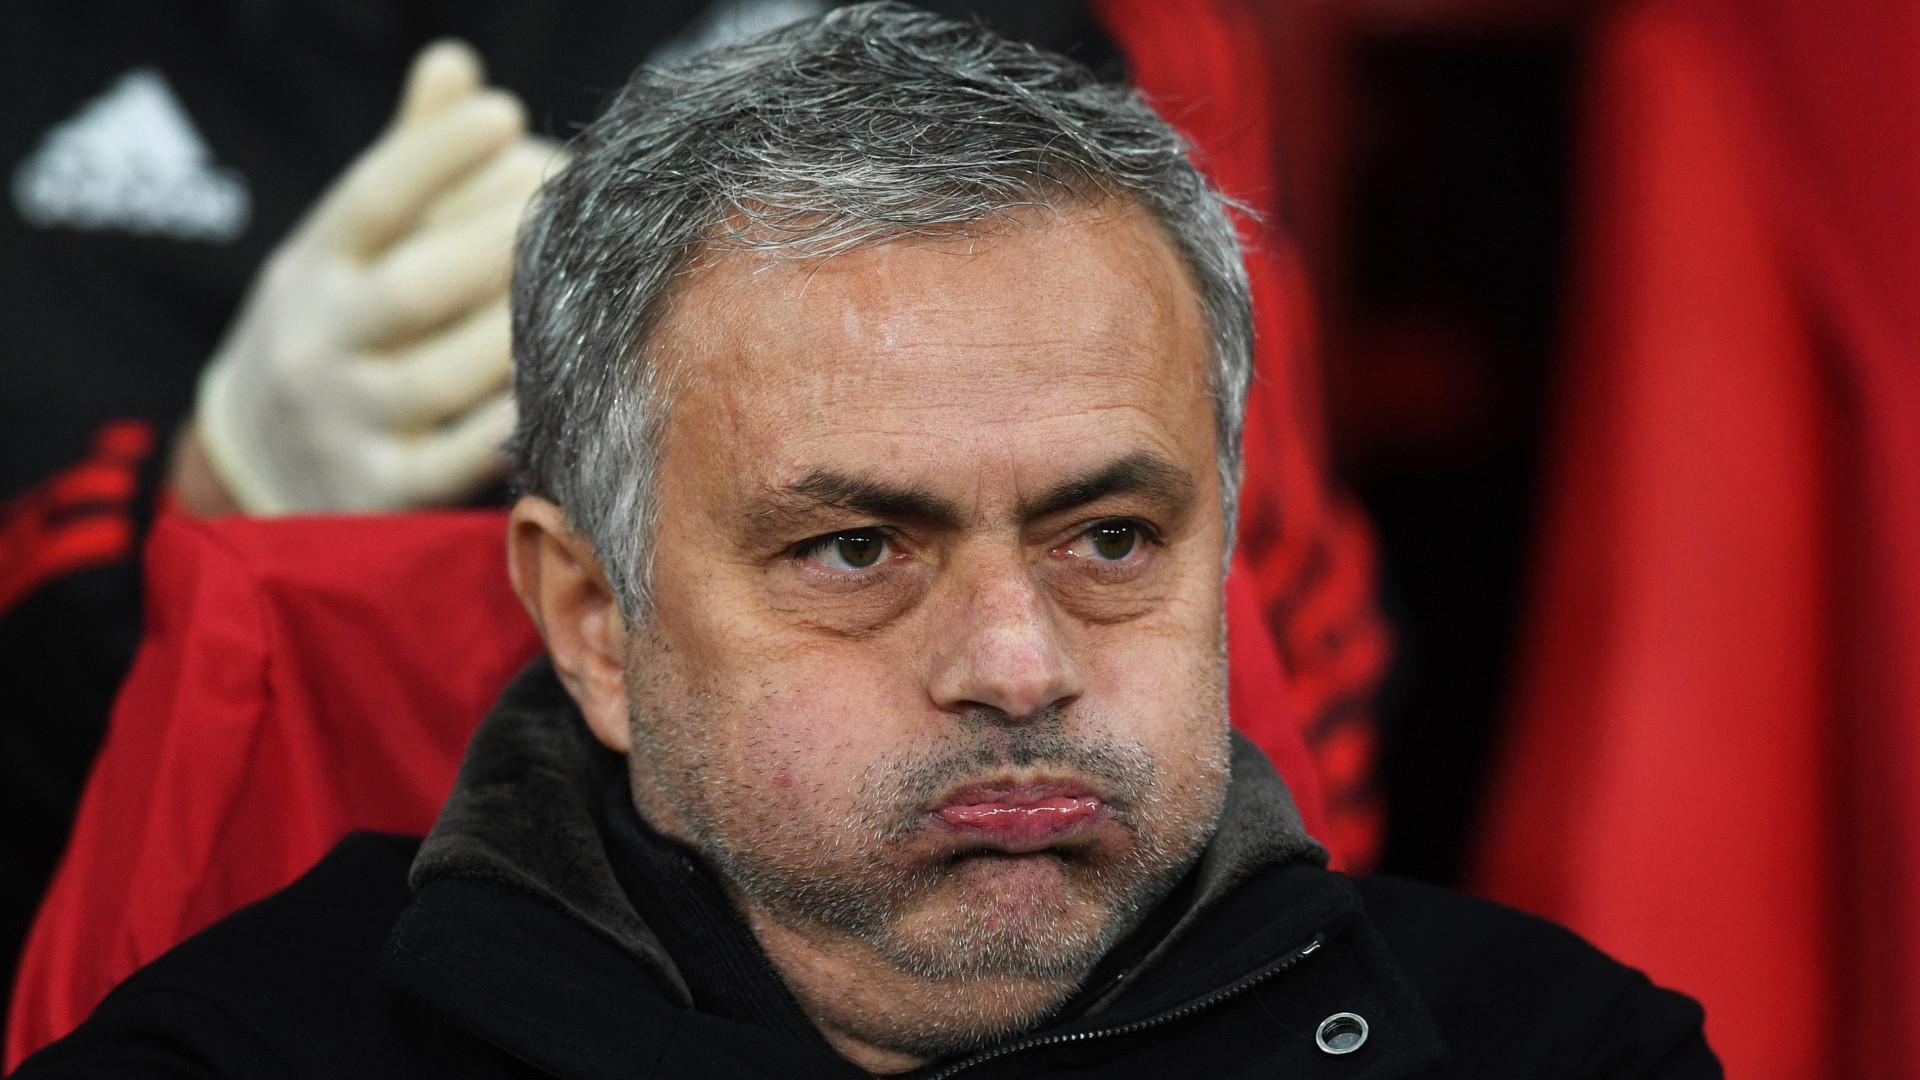 Mourinho vence Brighton e está nas meias finais da Taça de Inglaterra